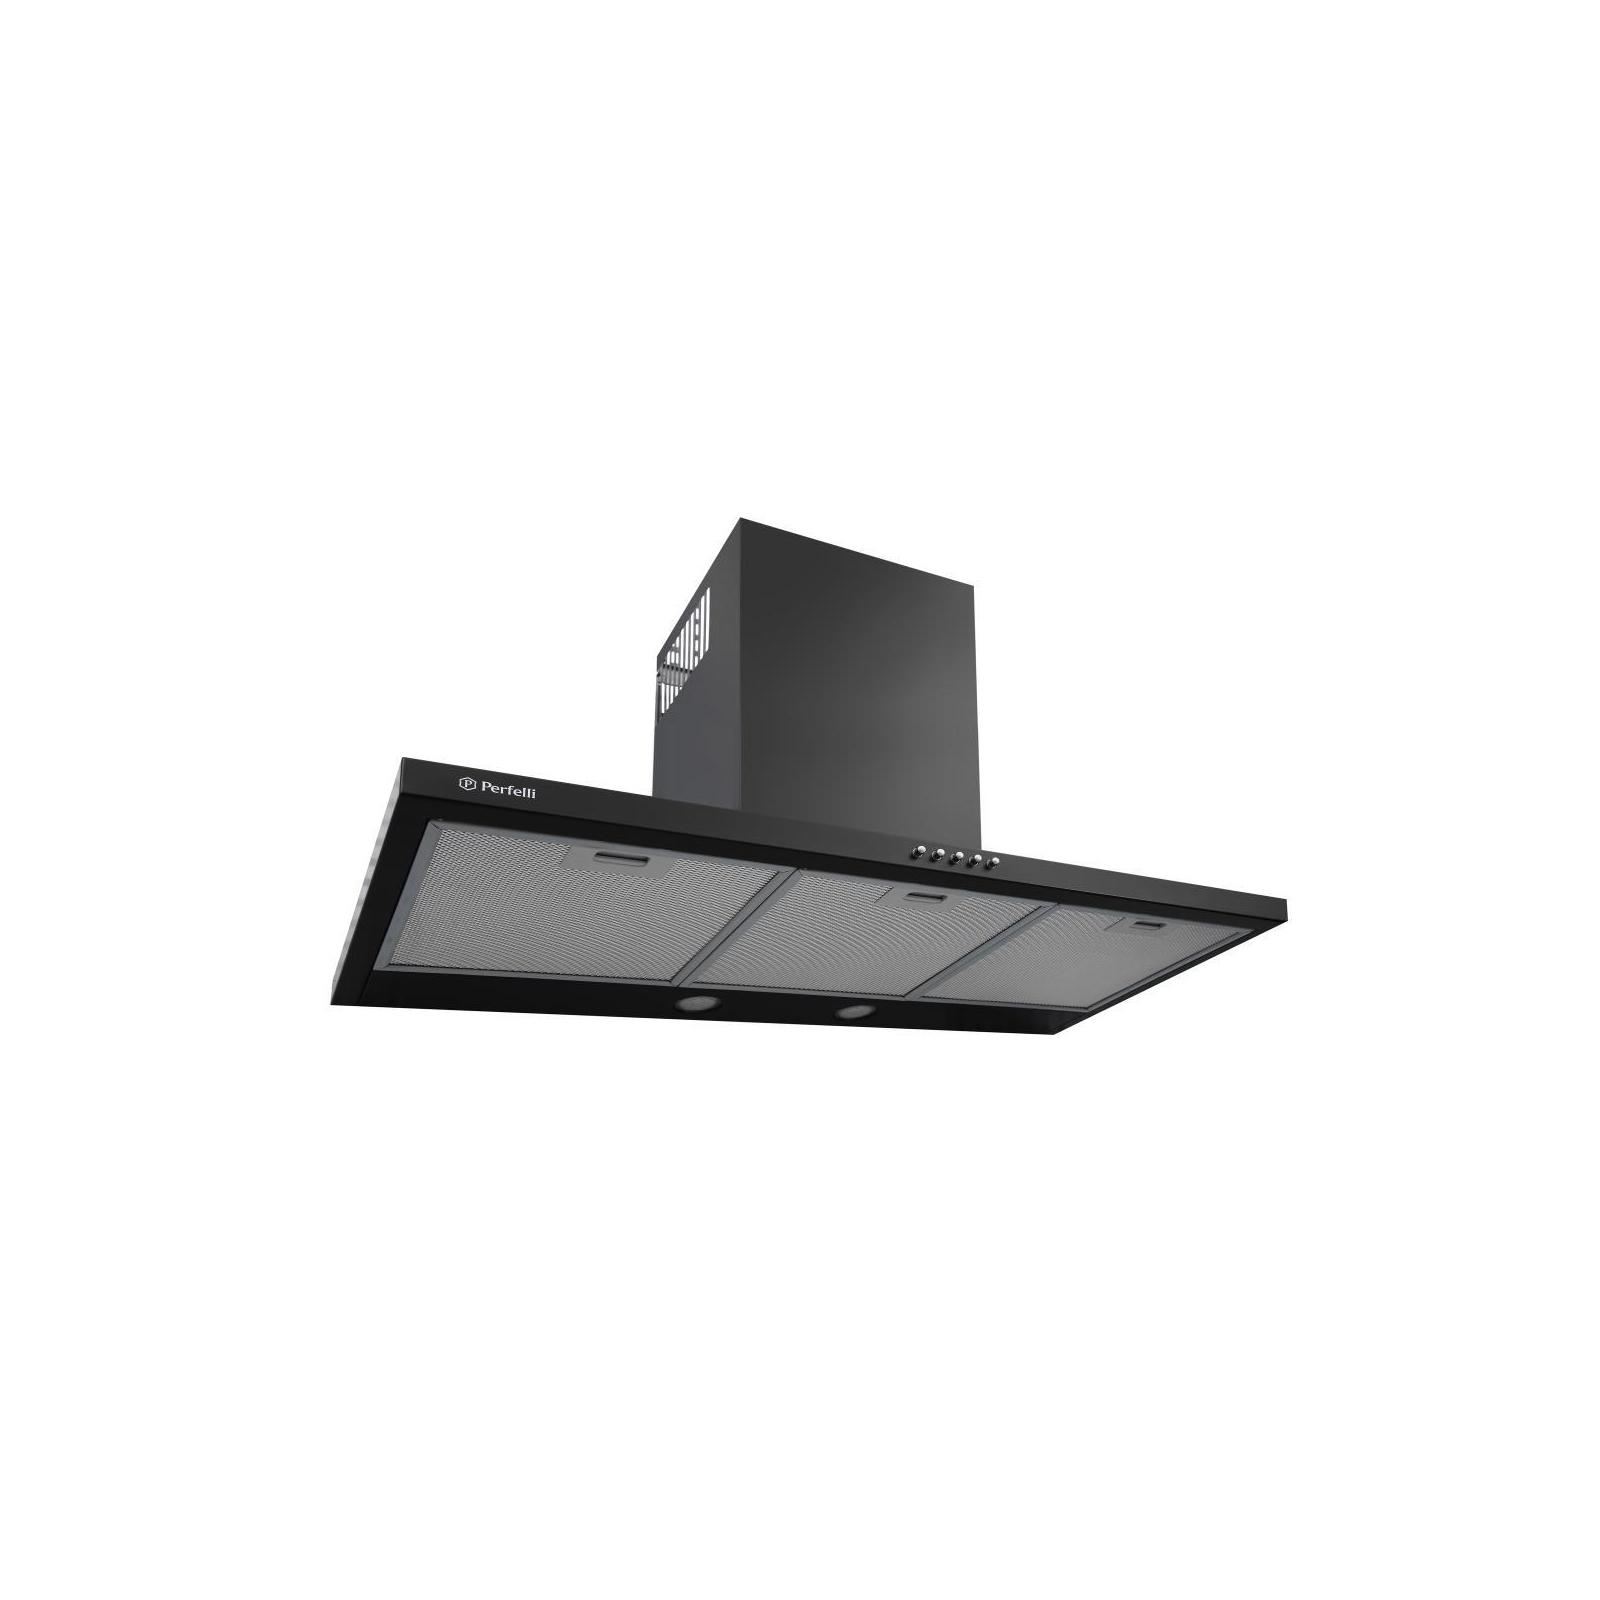 Вытяжка кухонная PERFELLI T 9612 A 1000 BL LED изображение 5